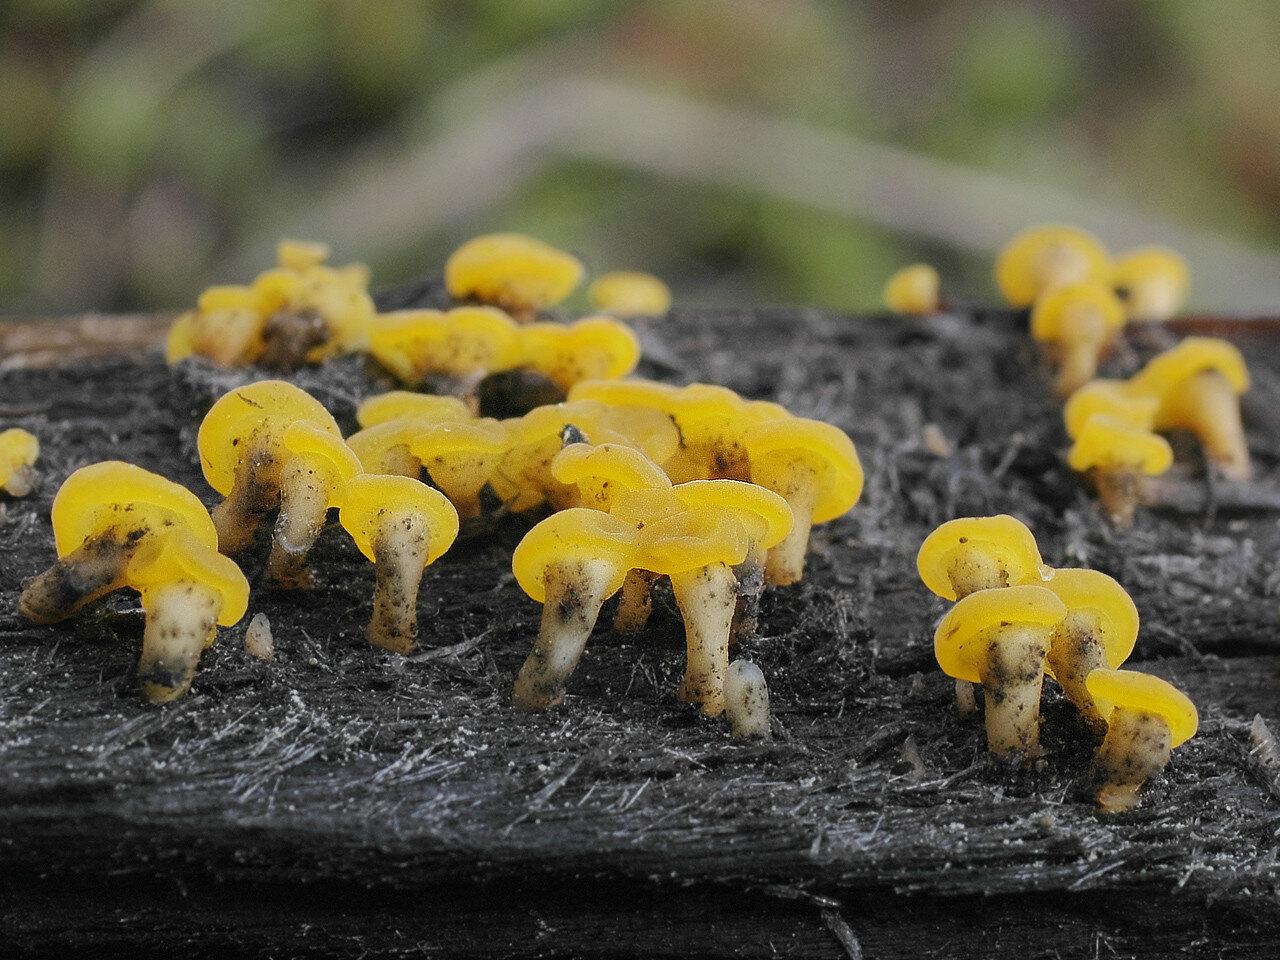 Вибриссея пеньковая (Vibrissea truncorum). Автор фото: Юрий Семенов